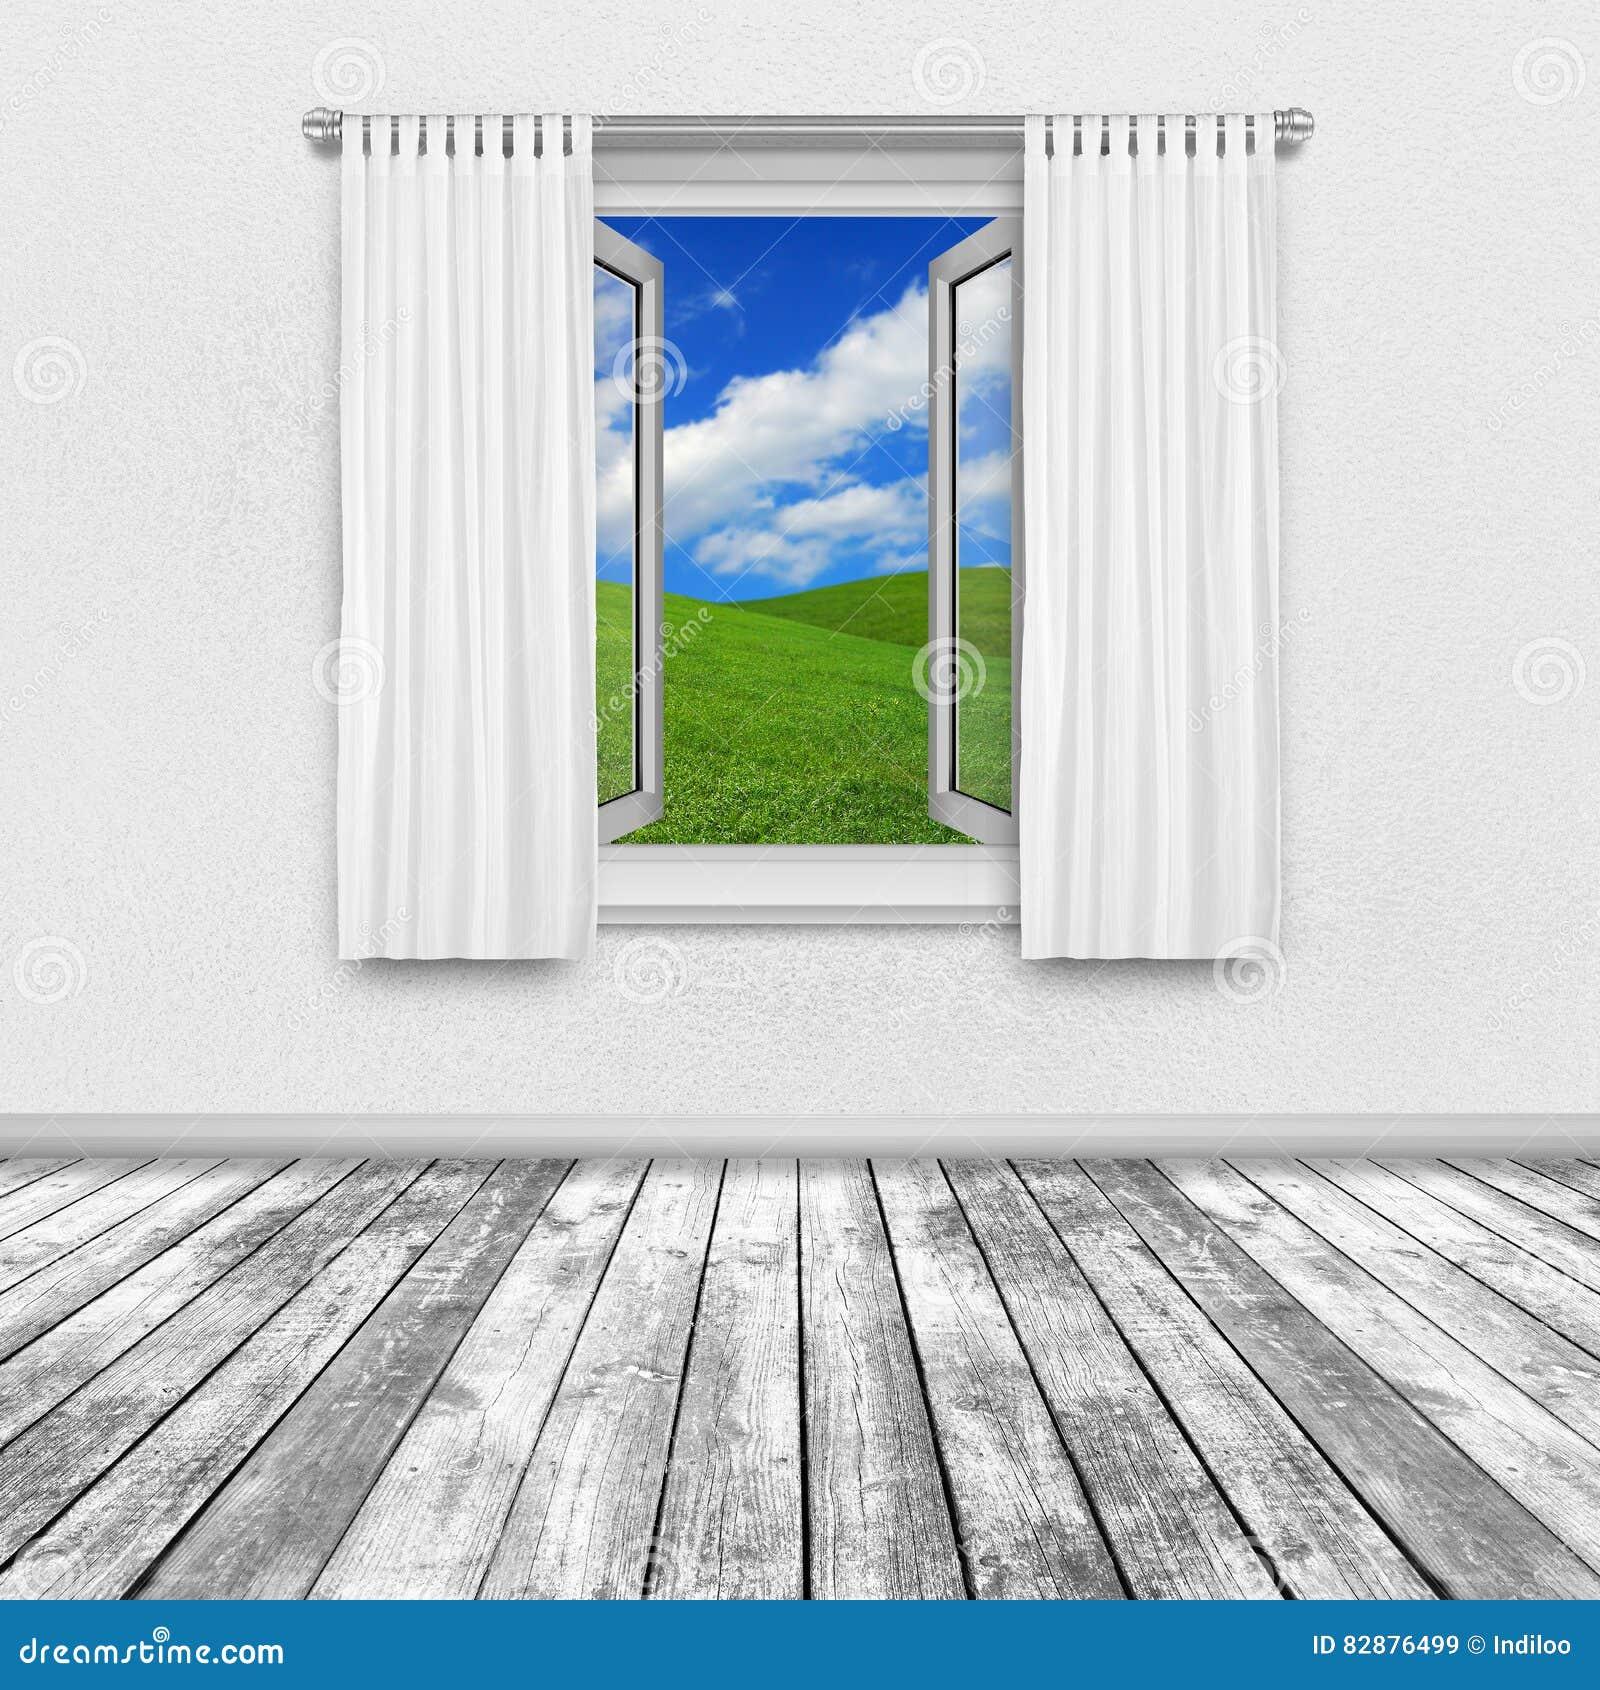 Offenes fenster himmel  Ansicht Der Landschaft Durch Offenes Fenster Stockfoto - Bild ...